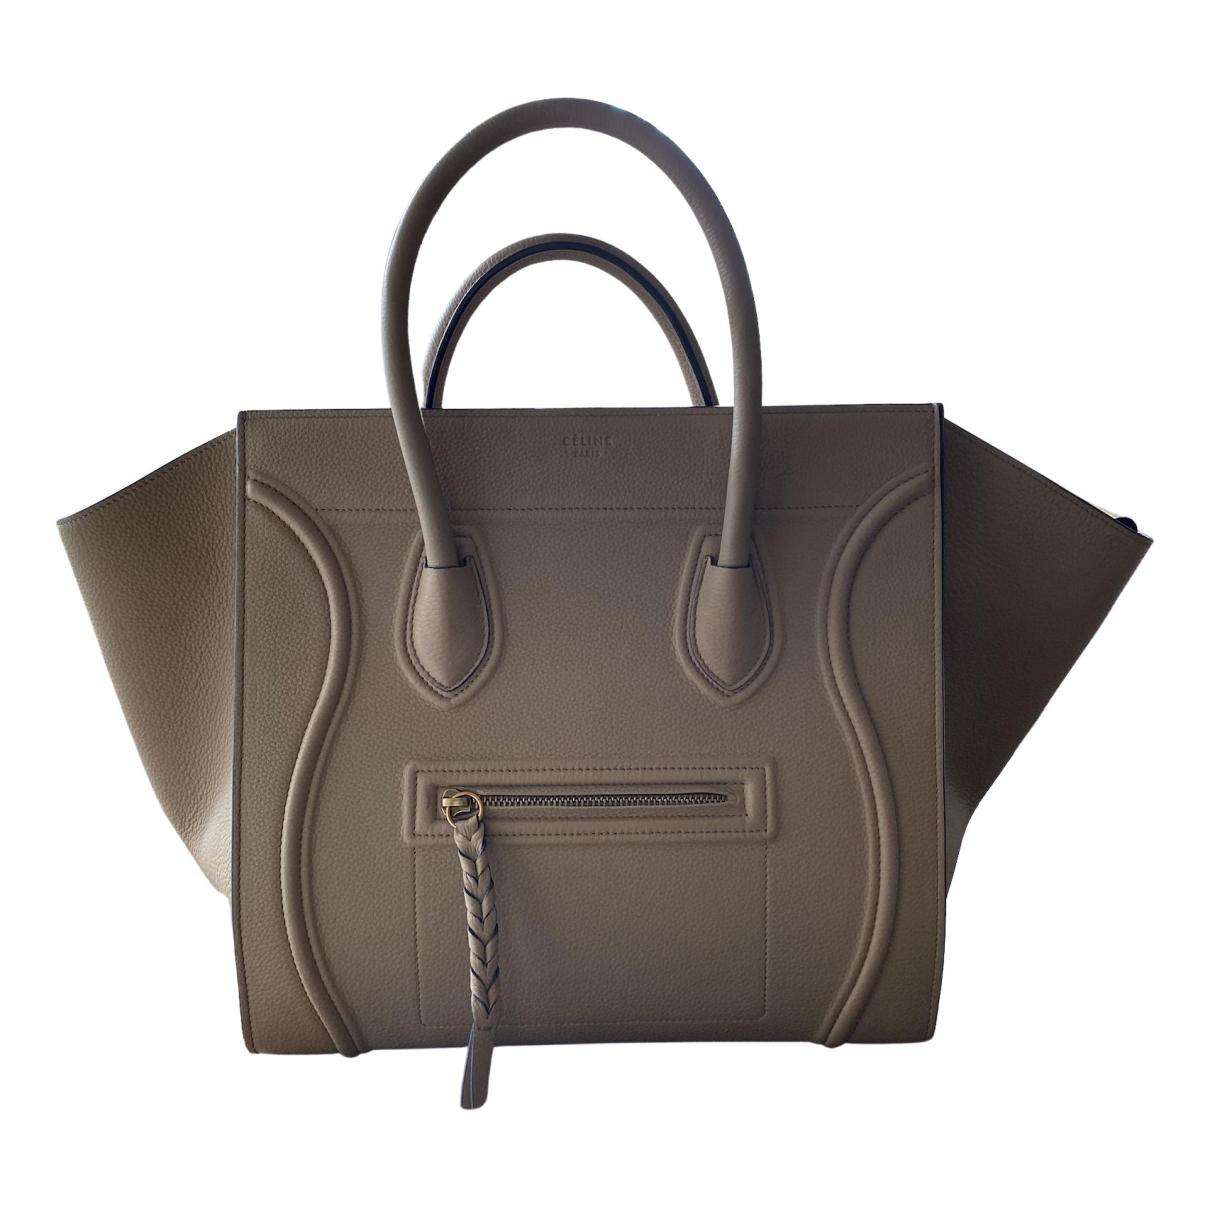 Celine - Sac a main Luggage Phantom pour femme en cuir - kaki